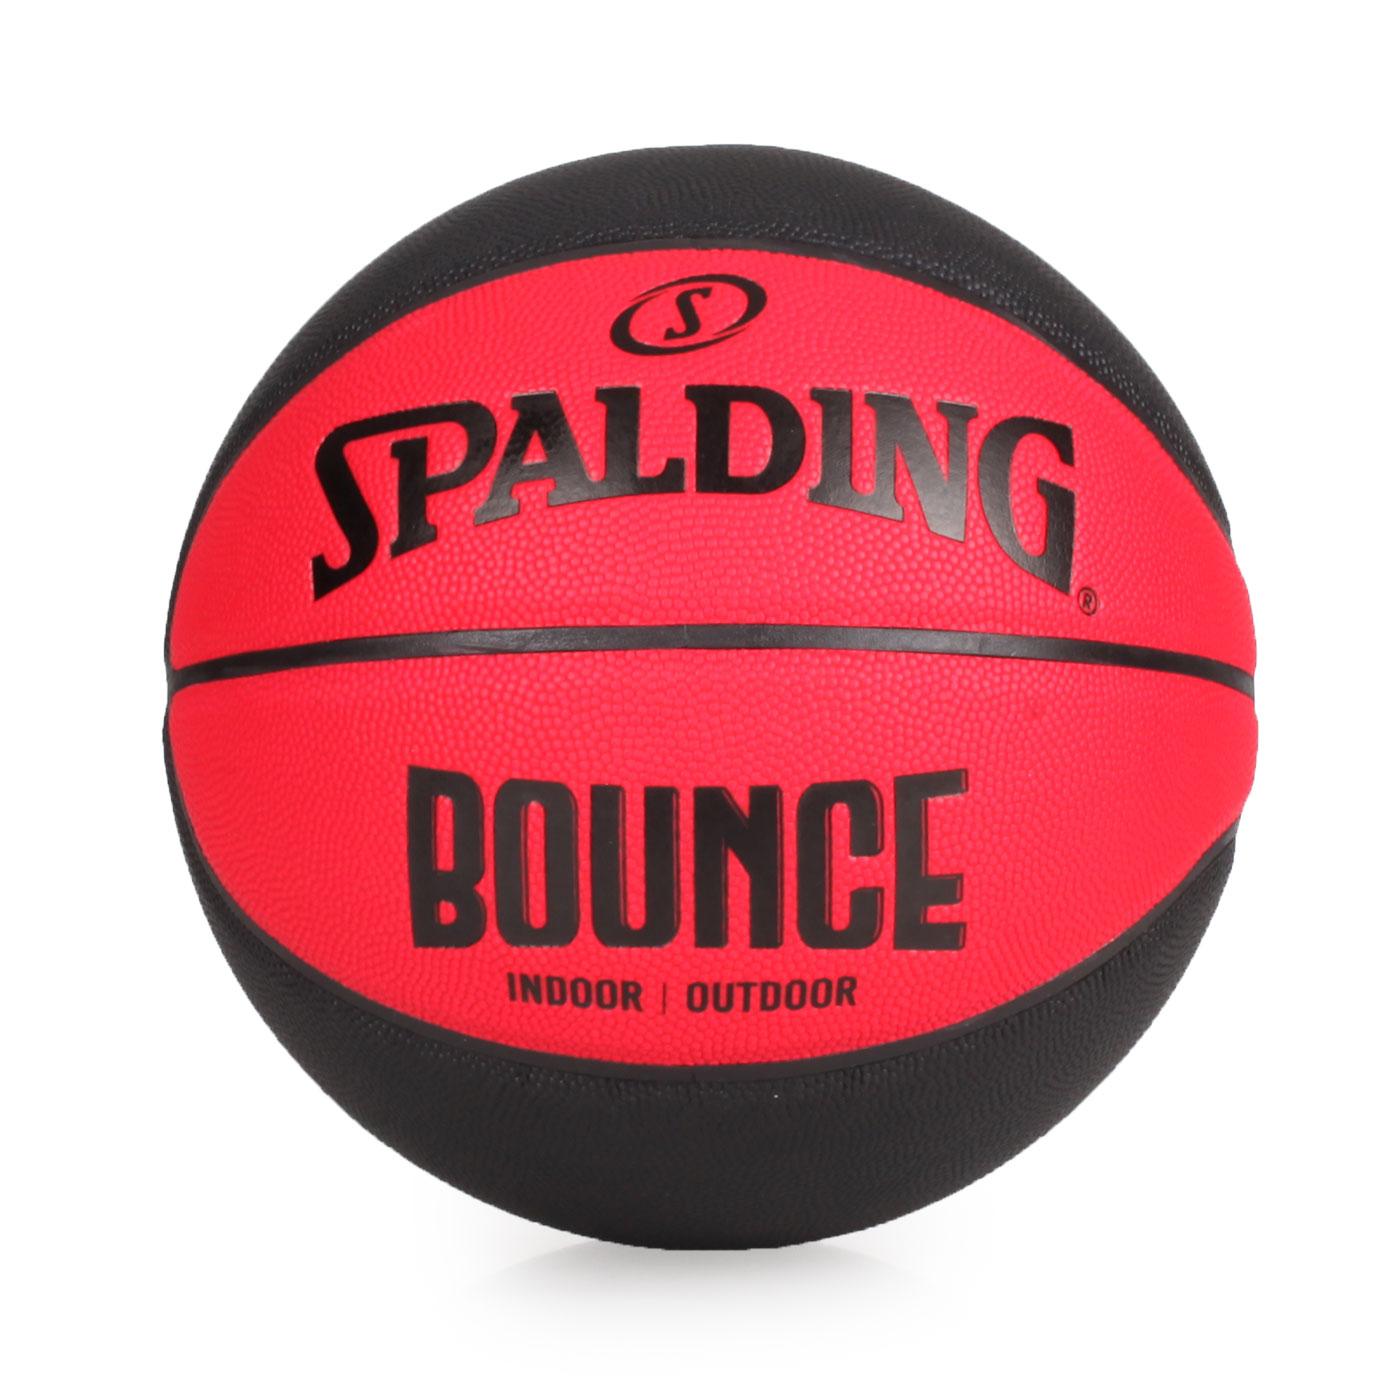 SPALDING Bounce 籃球-PU #7 SPB91002 - 紅黑